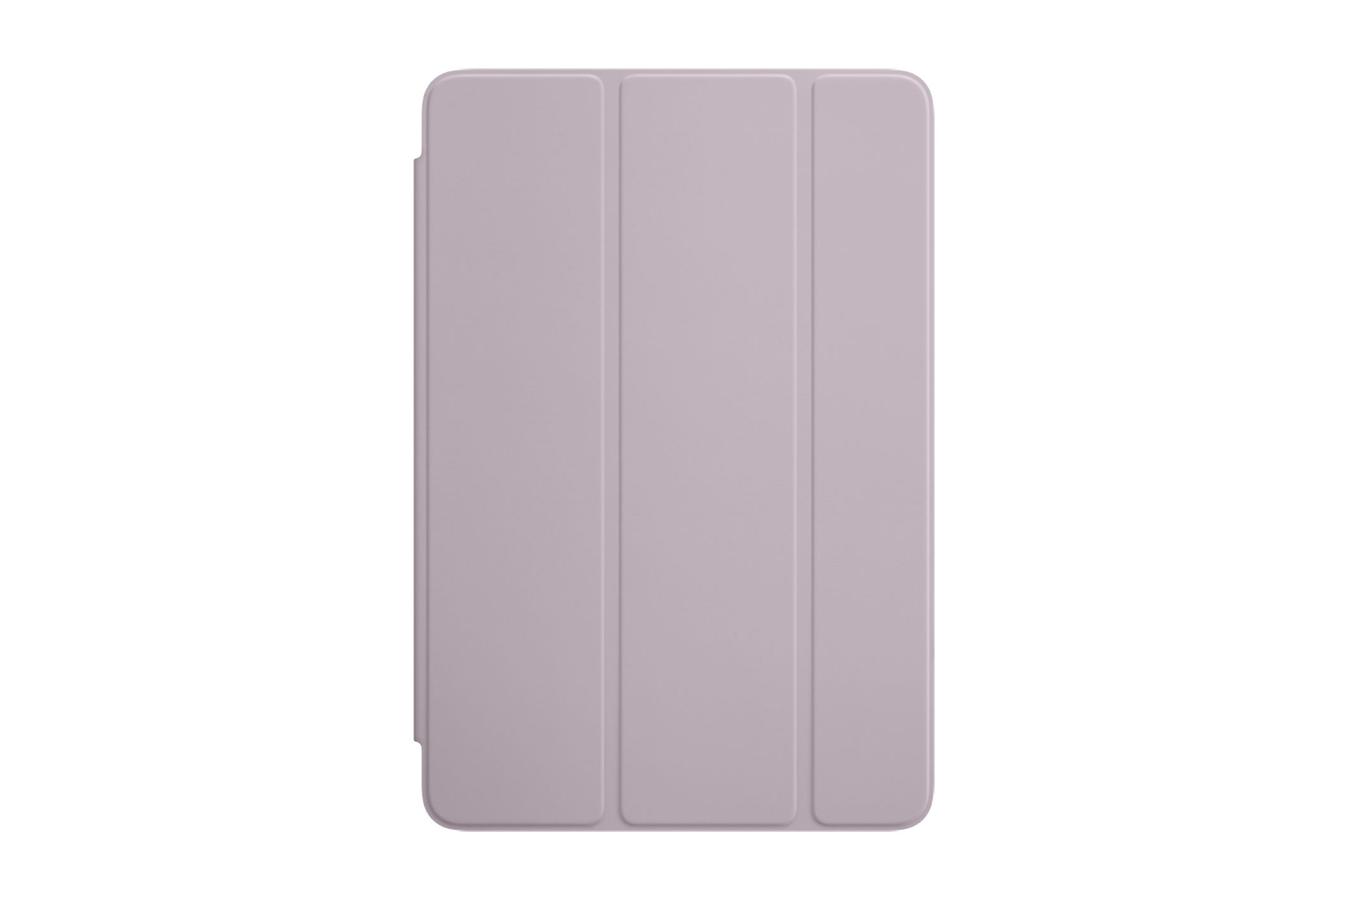 housse et tui pour tablette apple smart cover violette pour ipad mini 4 4167082 darty. Black Bedroom Furniture Sets. Home Design Ideas